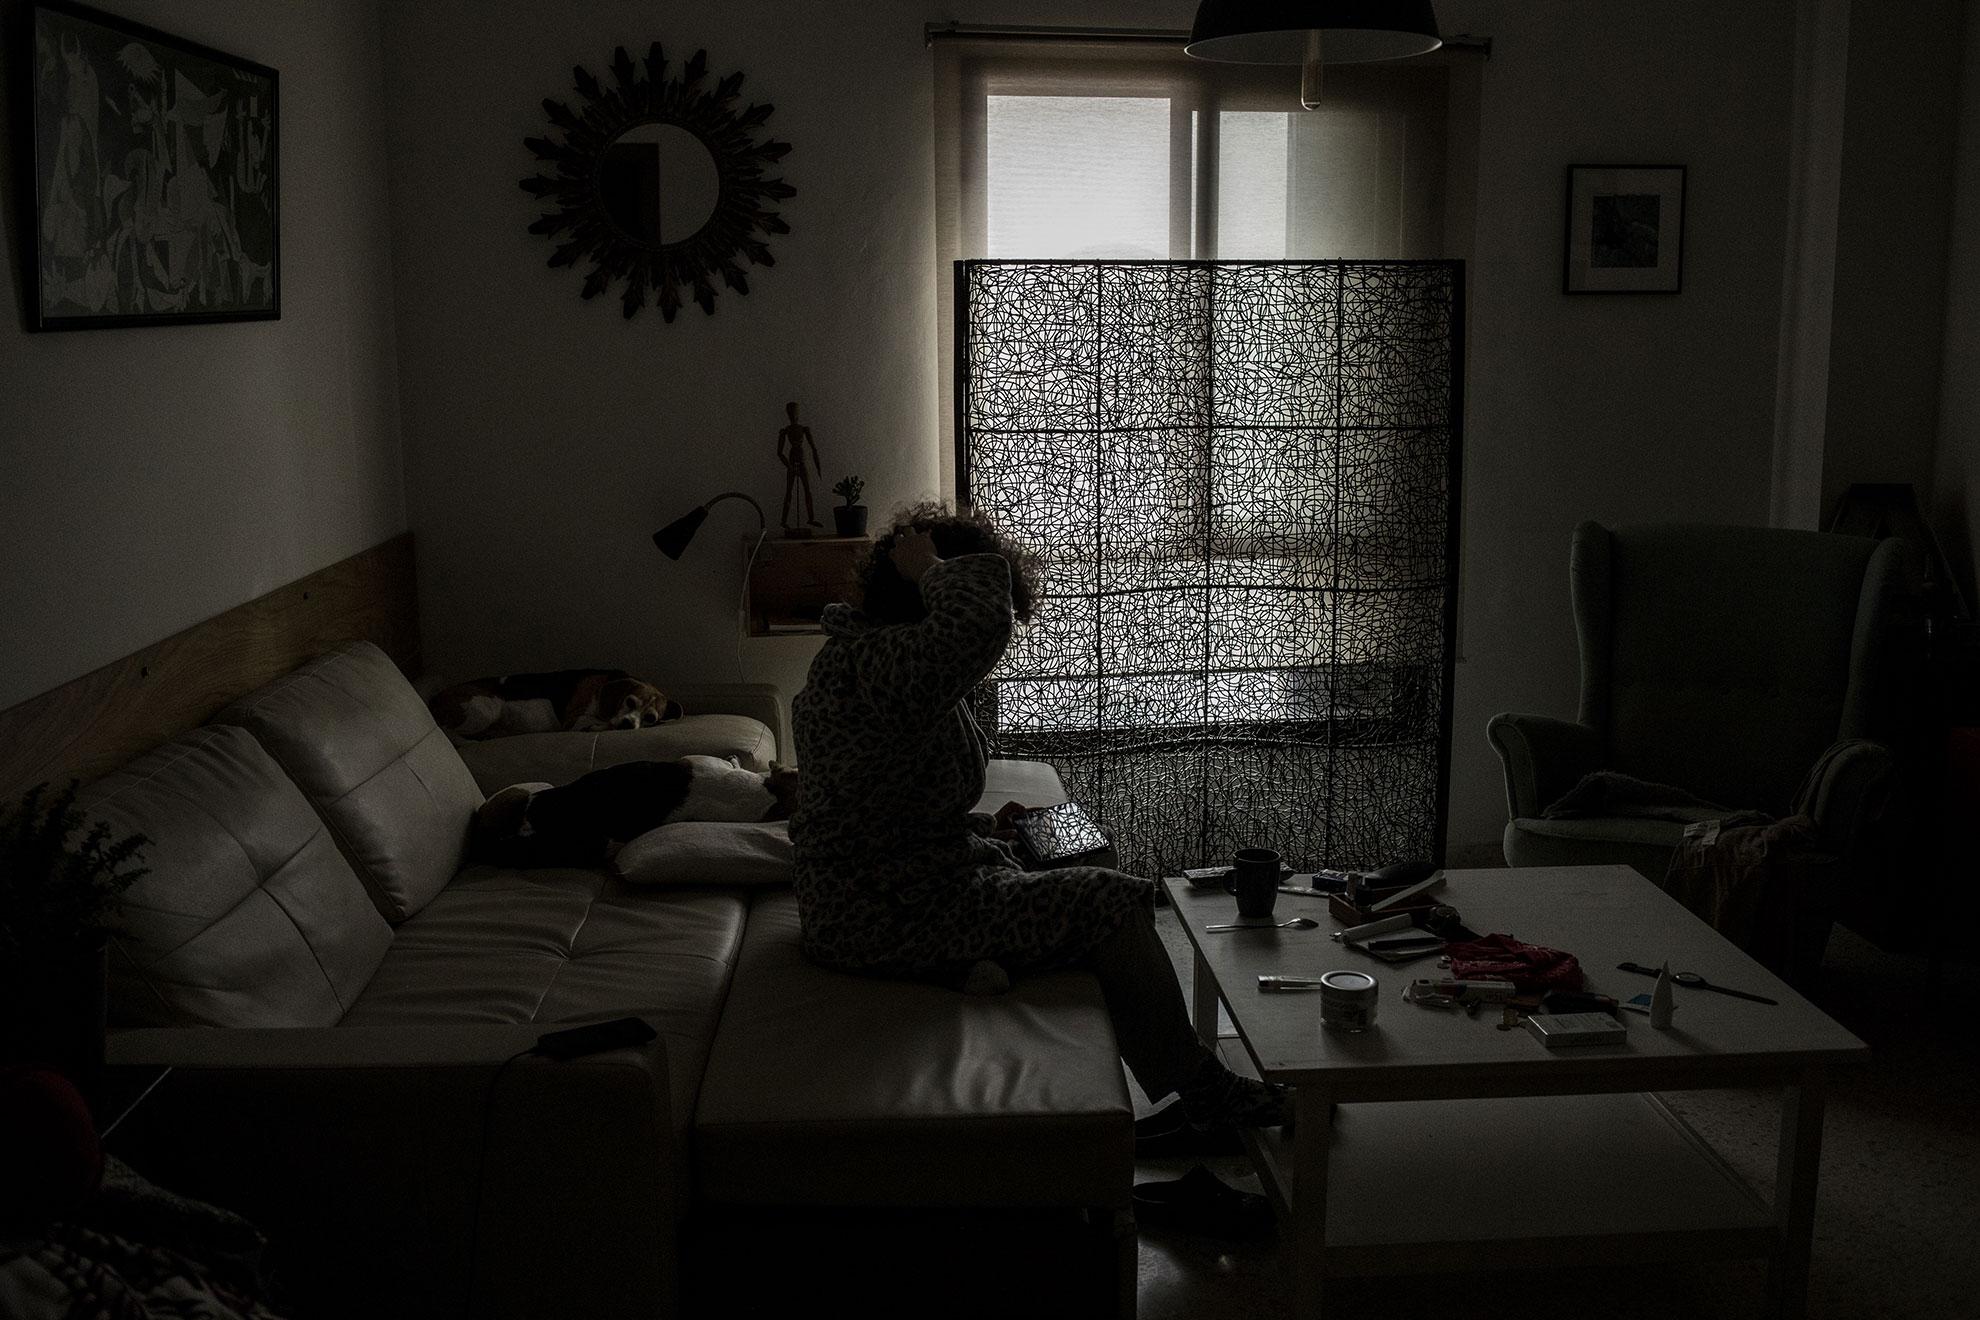 T.A. consulta las noticias en una tableta mientras toma un café en la mañana del quinto día de confinamiento domiciliario en Jerez, España, el miércoles 18 de marzo de 2020.